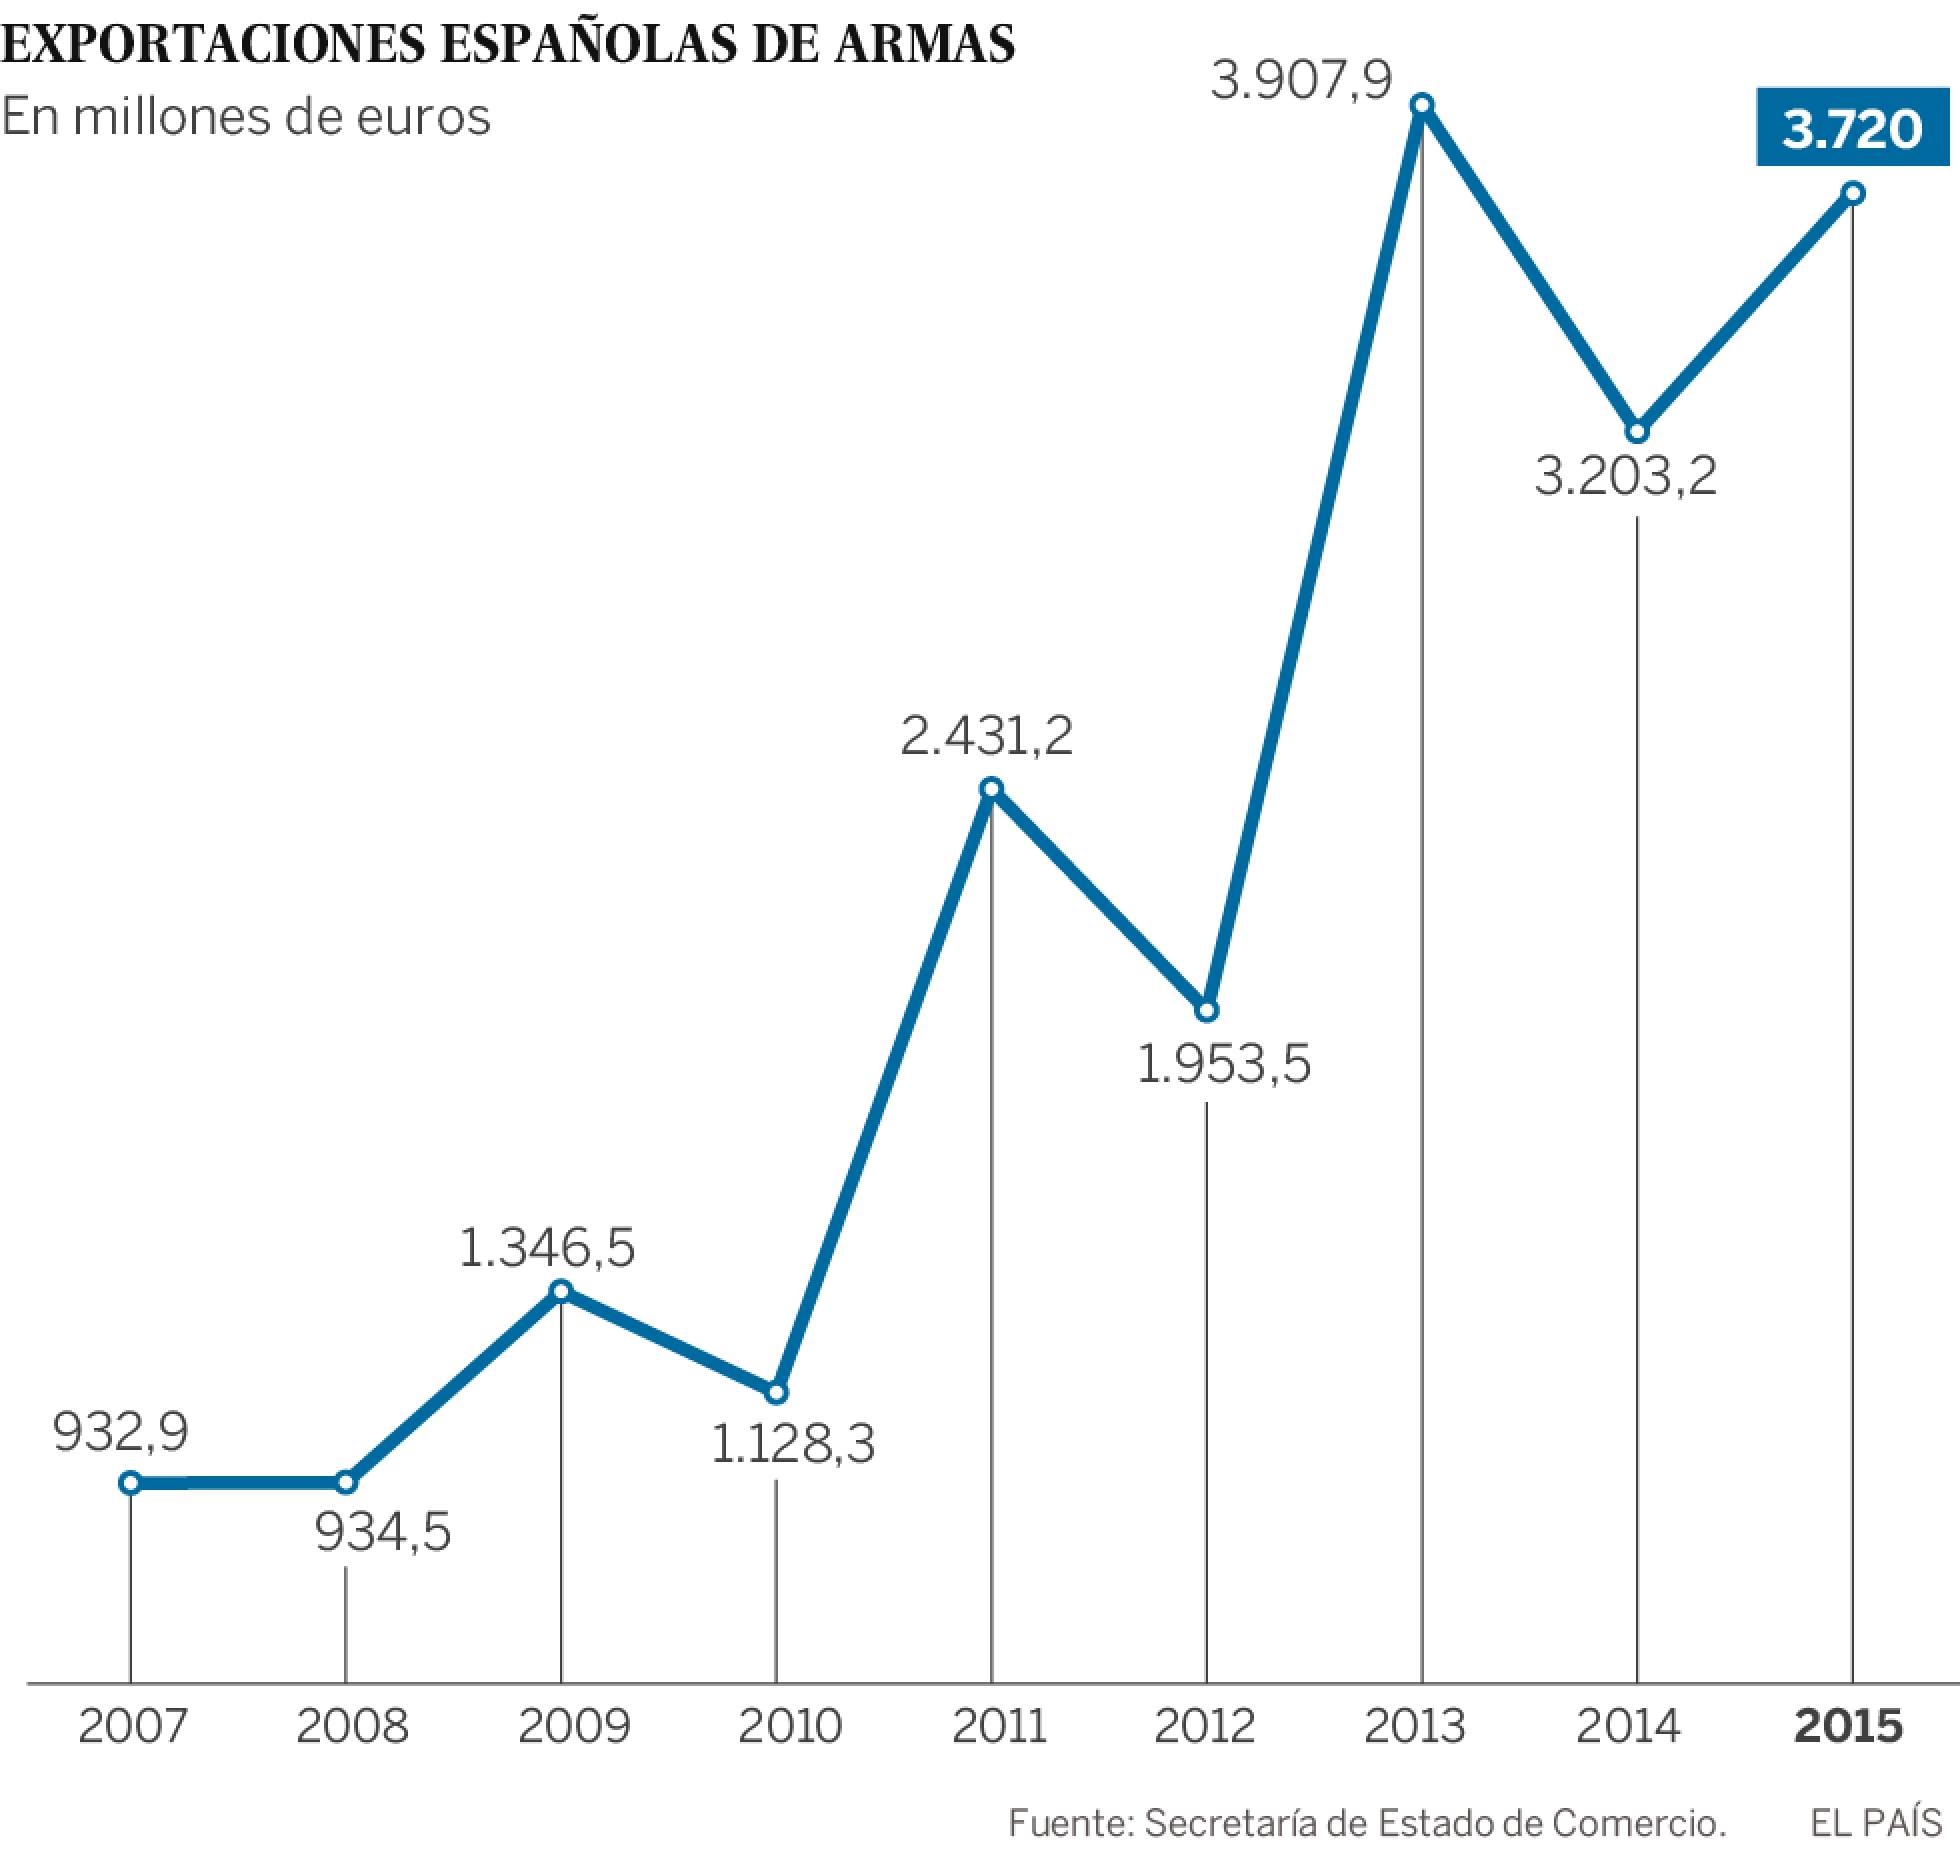 El Gobierno autoriza ventas récord de armas por 10.000  millones 1469978966_811921_1469979578_noticia_normal_recorte1